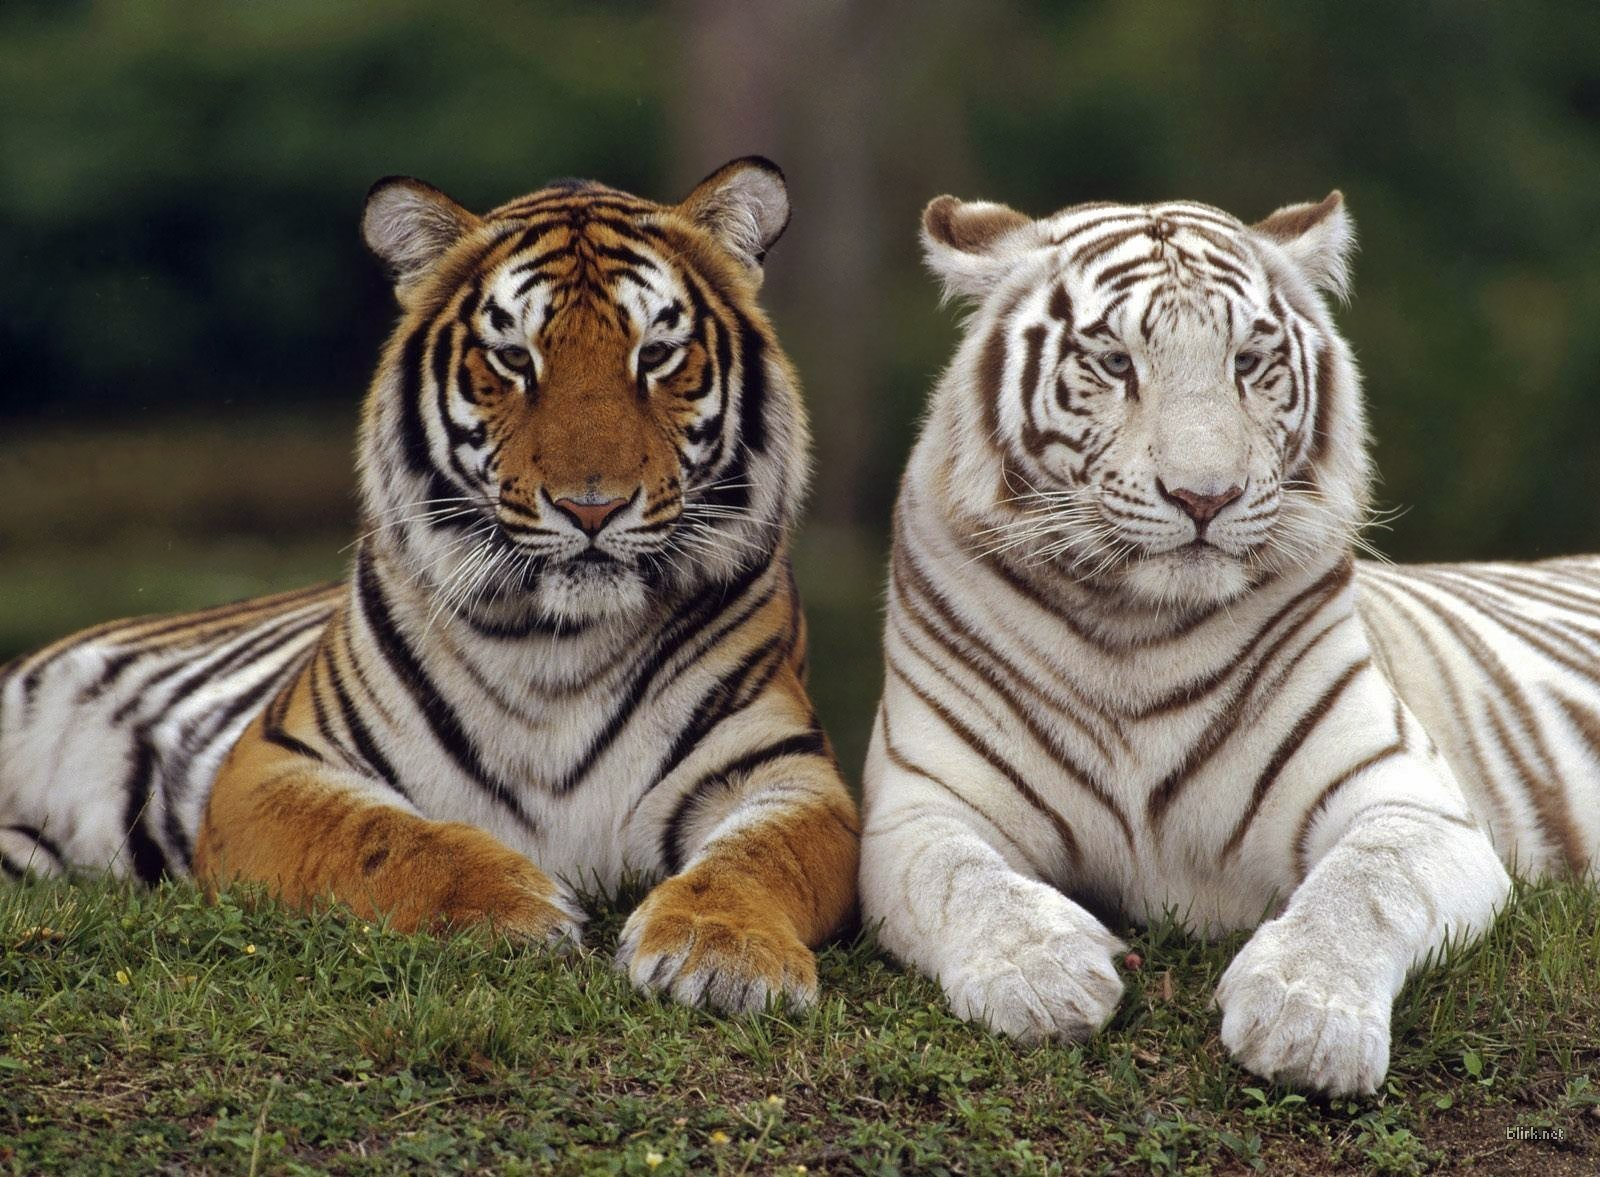 Mates wild animals